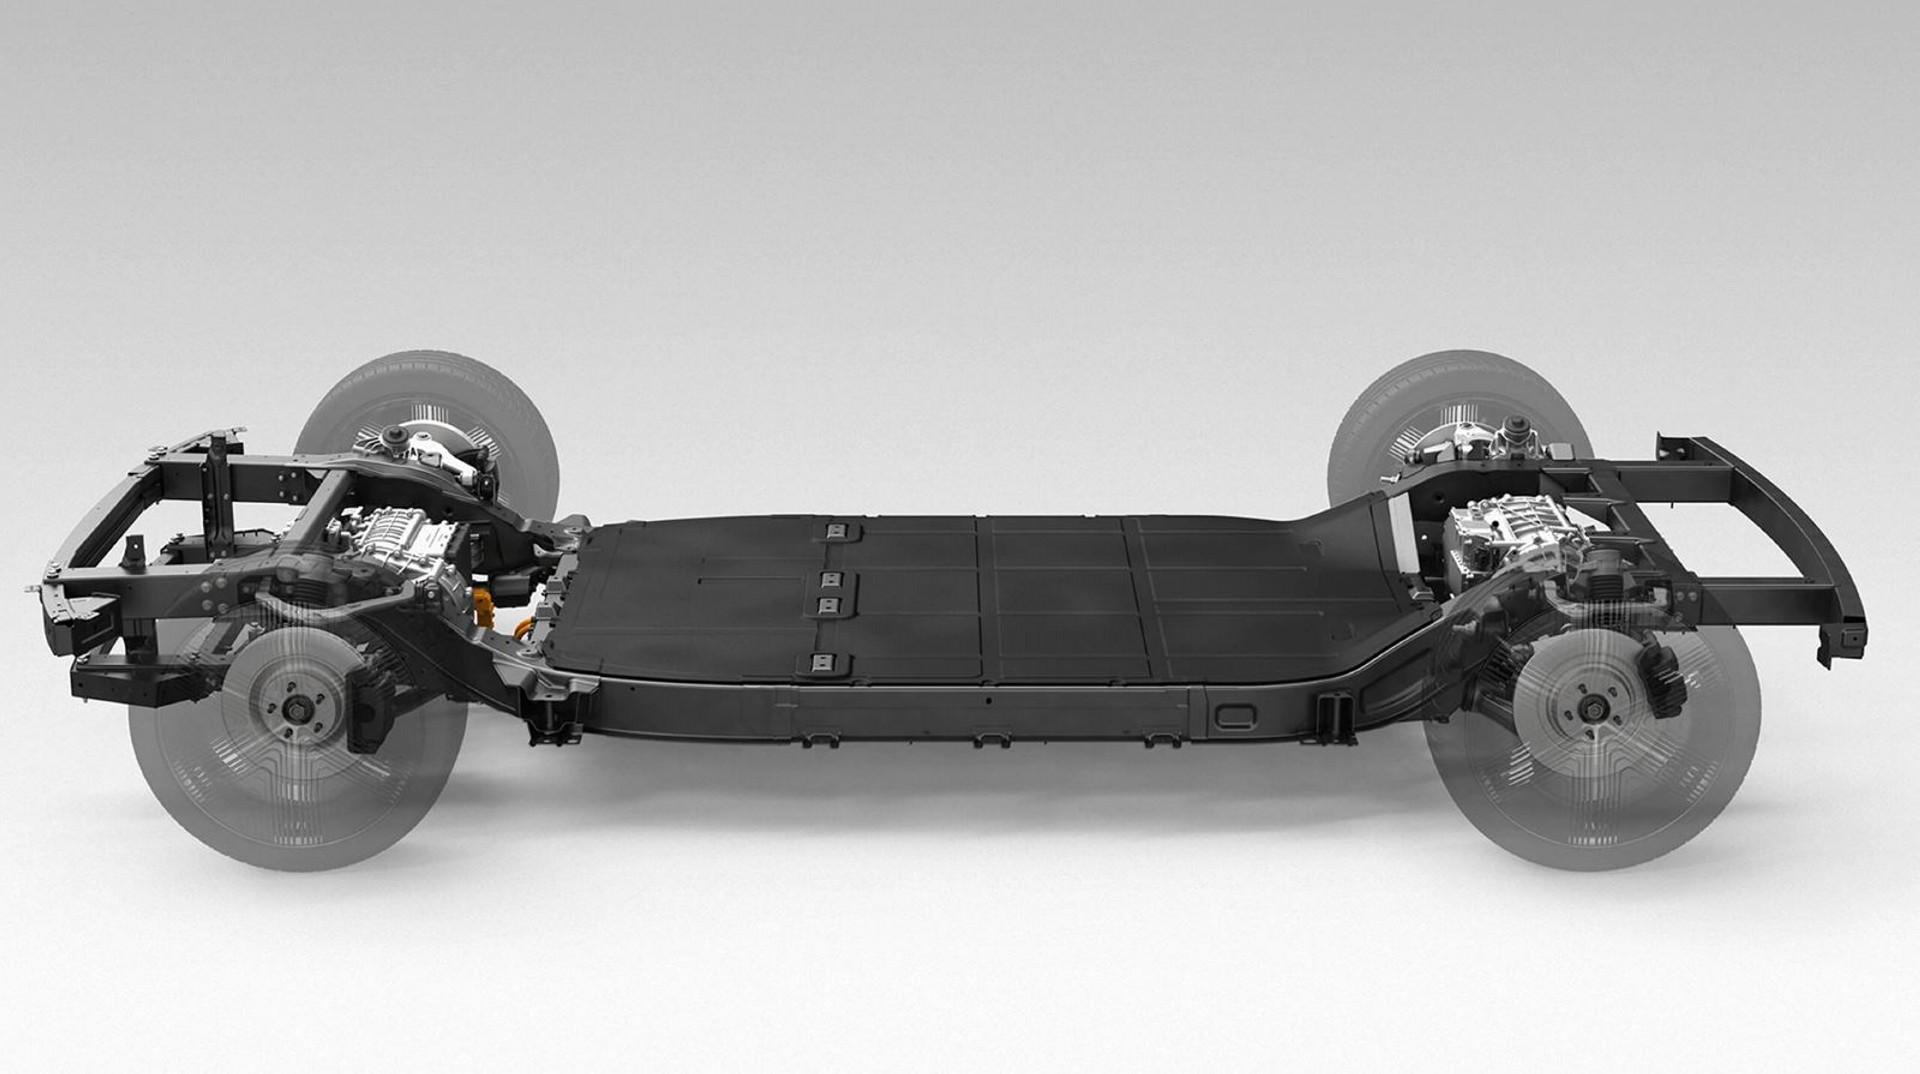 Hyundai-KIA adoptará la plataforma de Canoo para sus futuros coches eléctricos